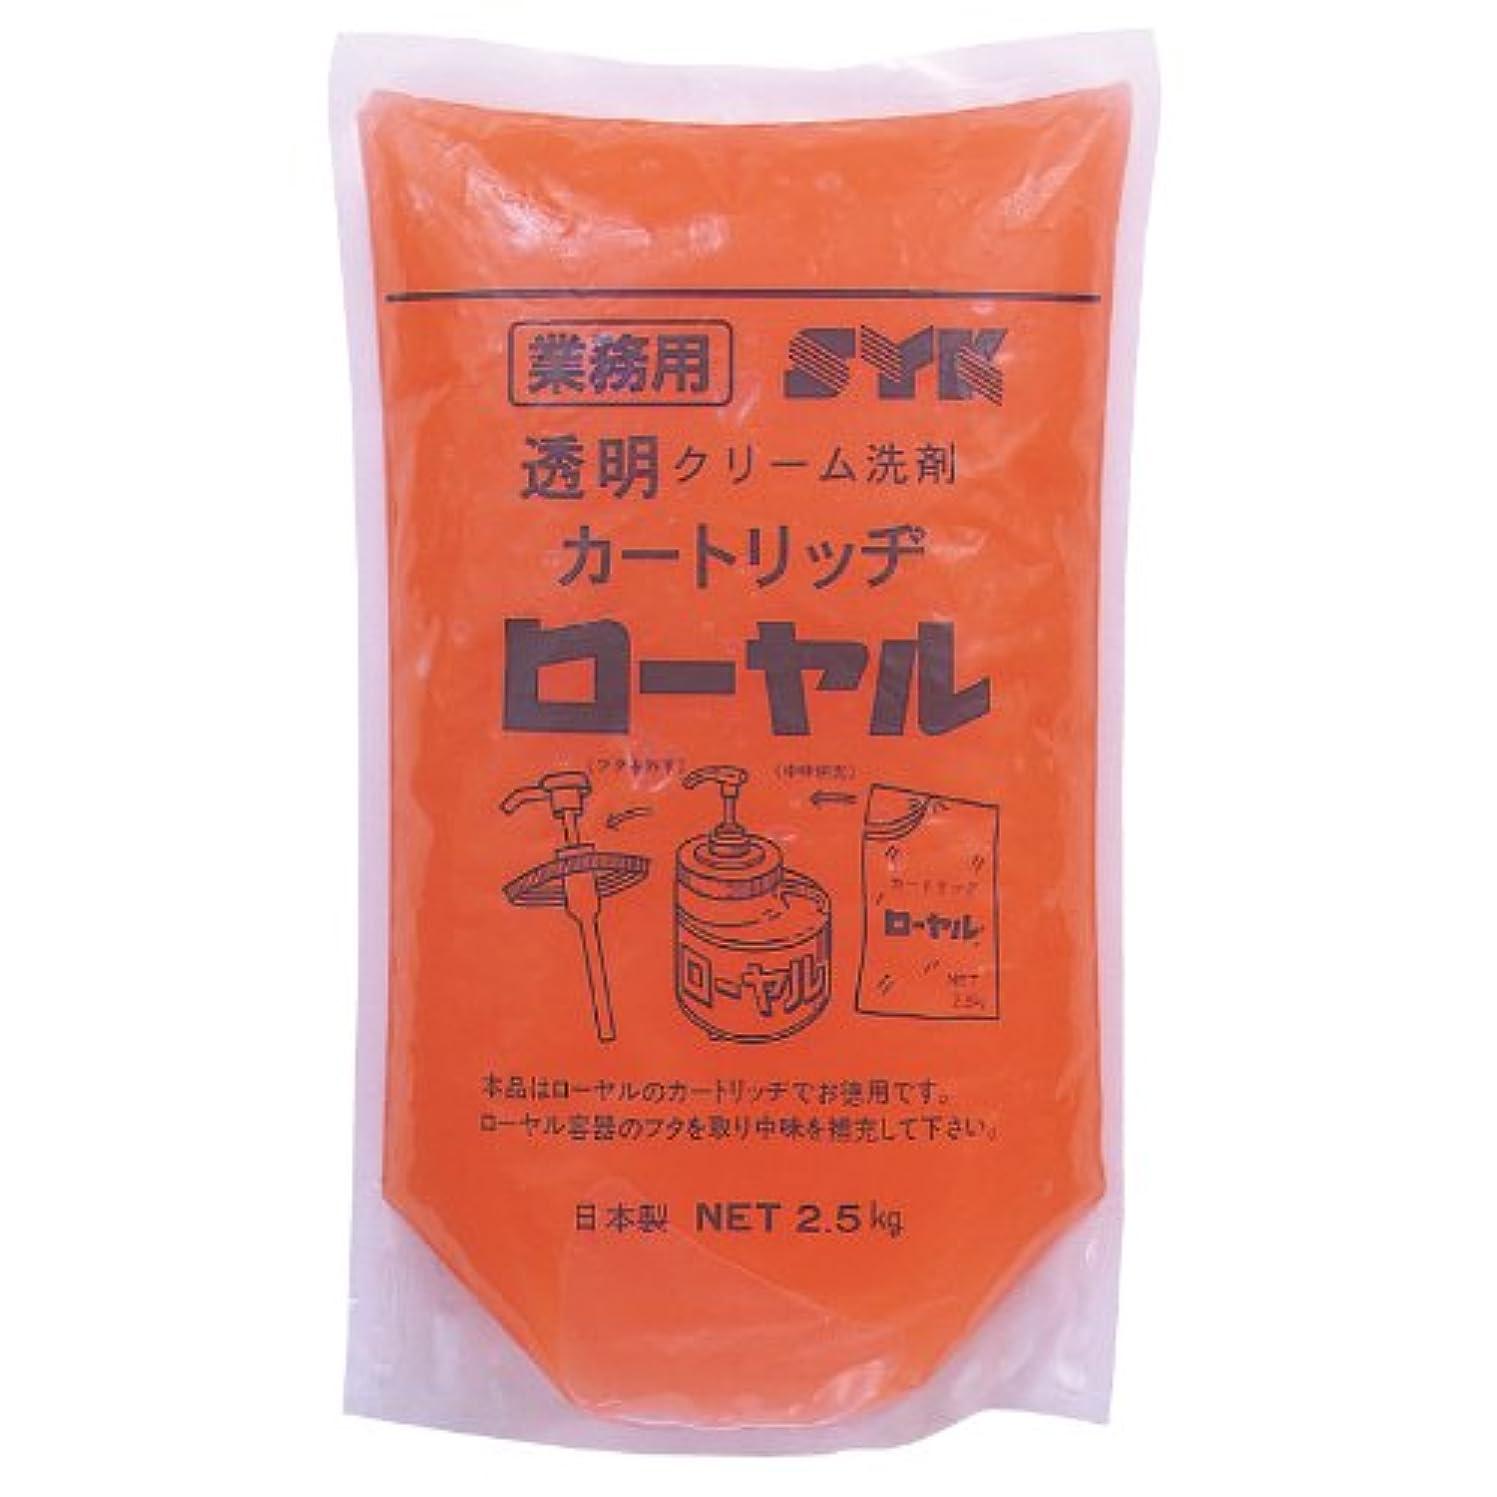 うなる捧げるする鈴木油脂 水無しでも使える業務用ハンドソープ ローヤル 2.5kg×6個